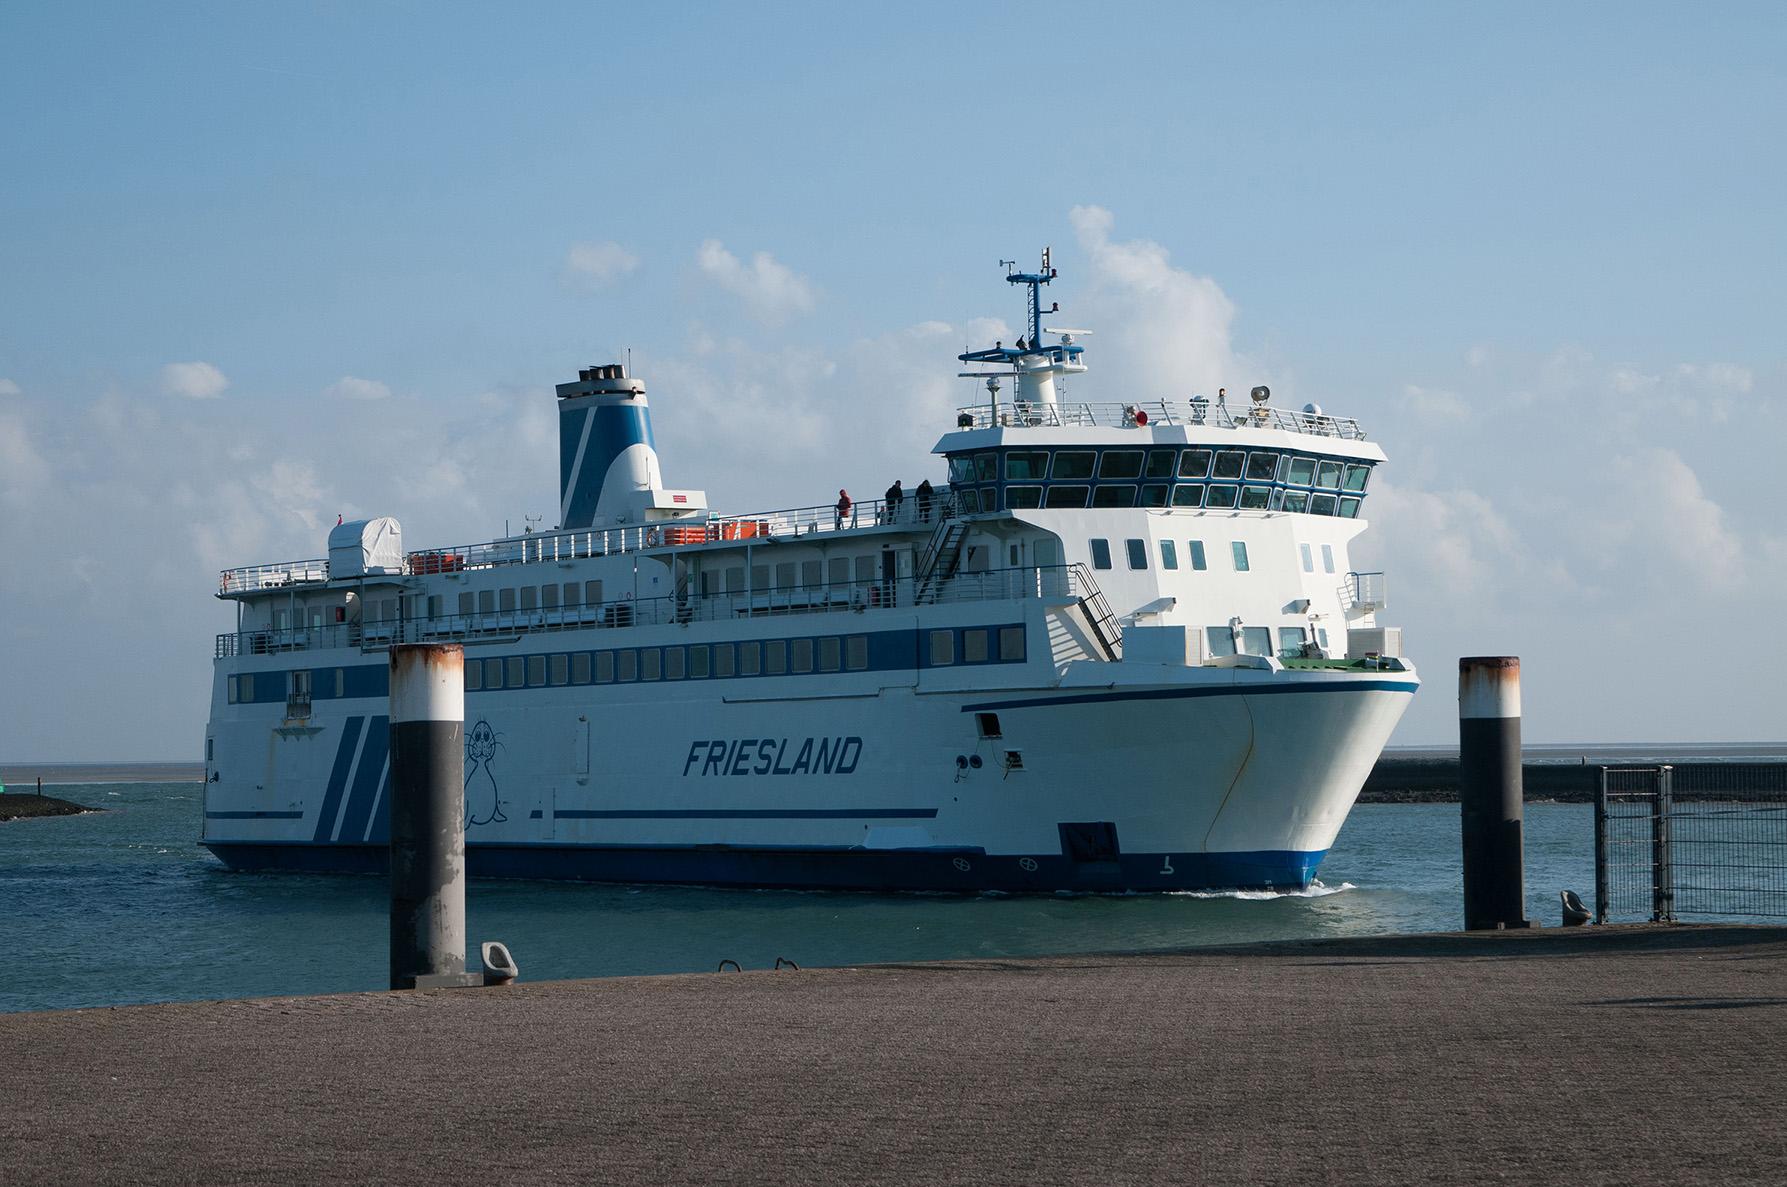 De MS Friesland bij aankomst in de haven van Terschelling - Foto: ©Anja Arentzen